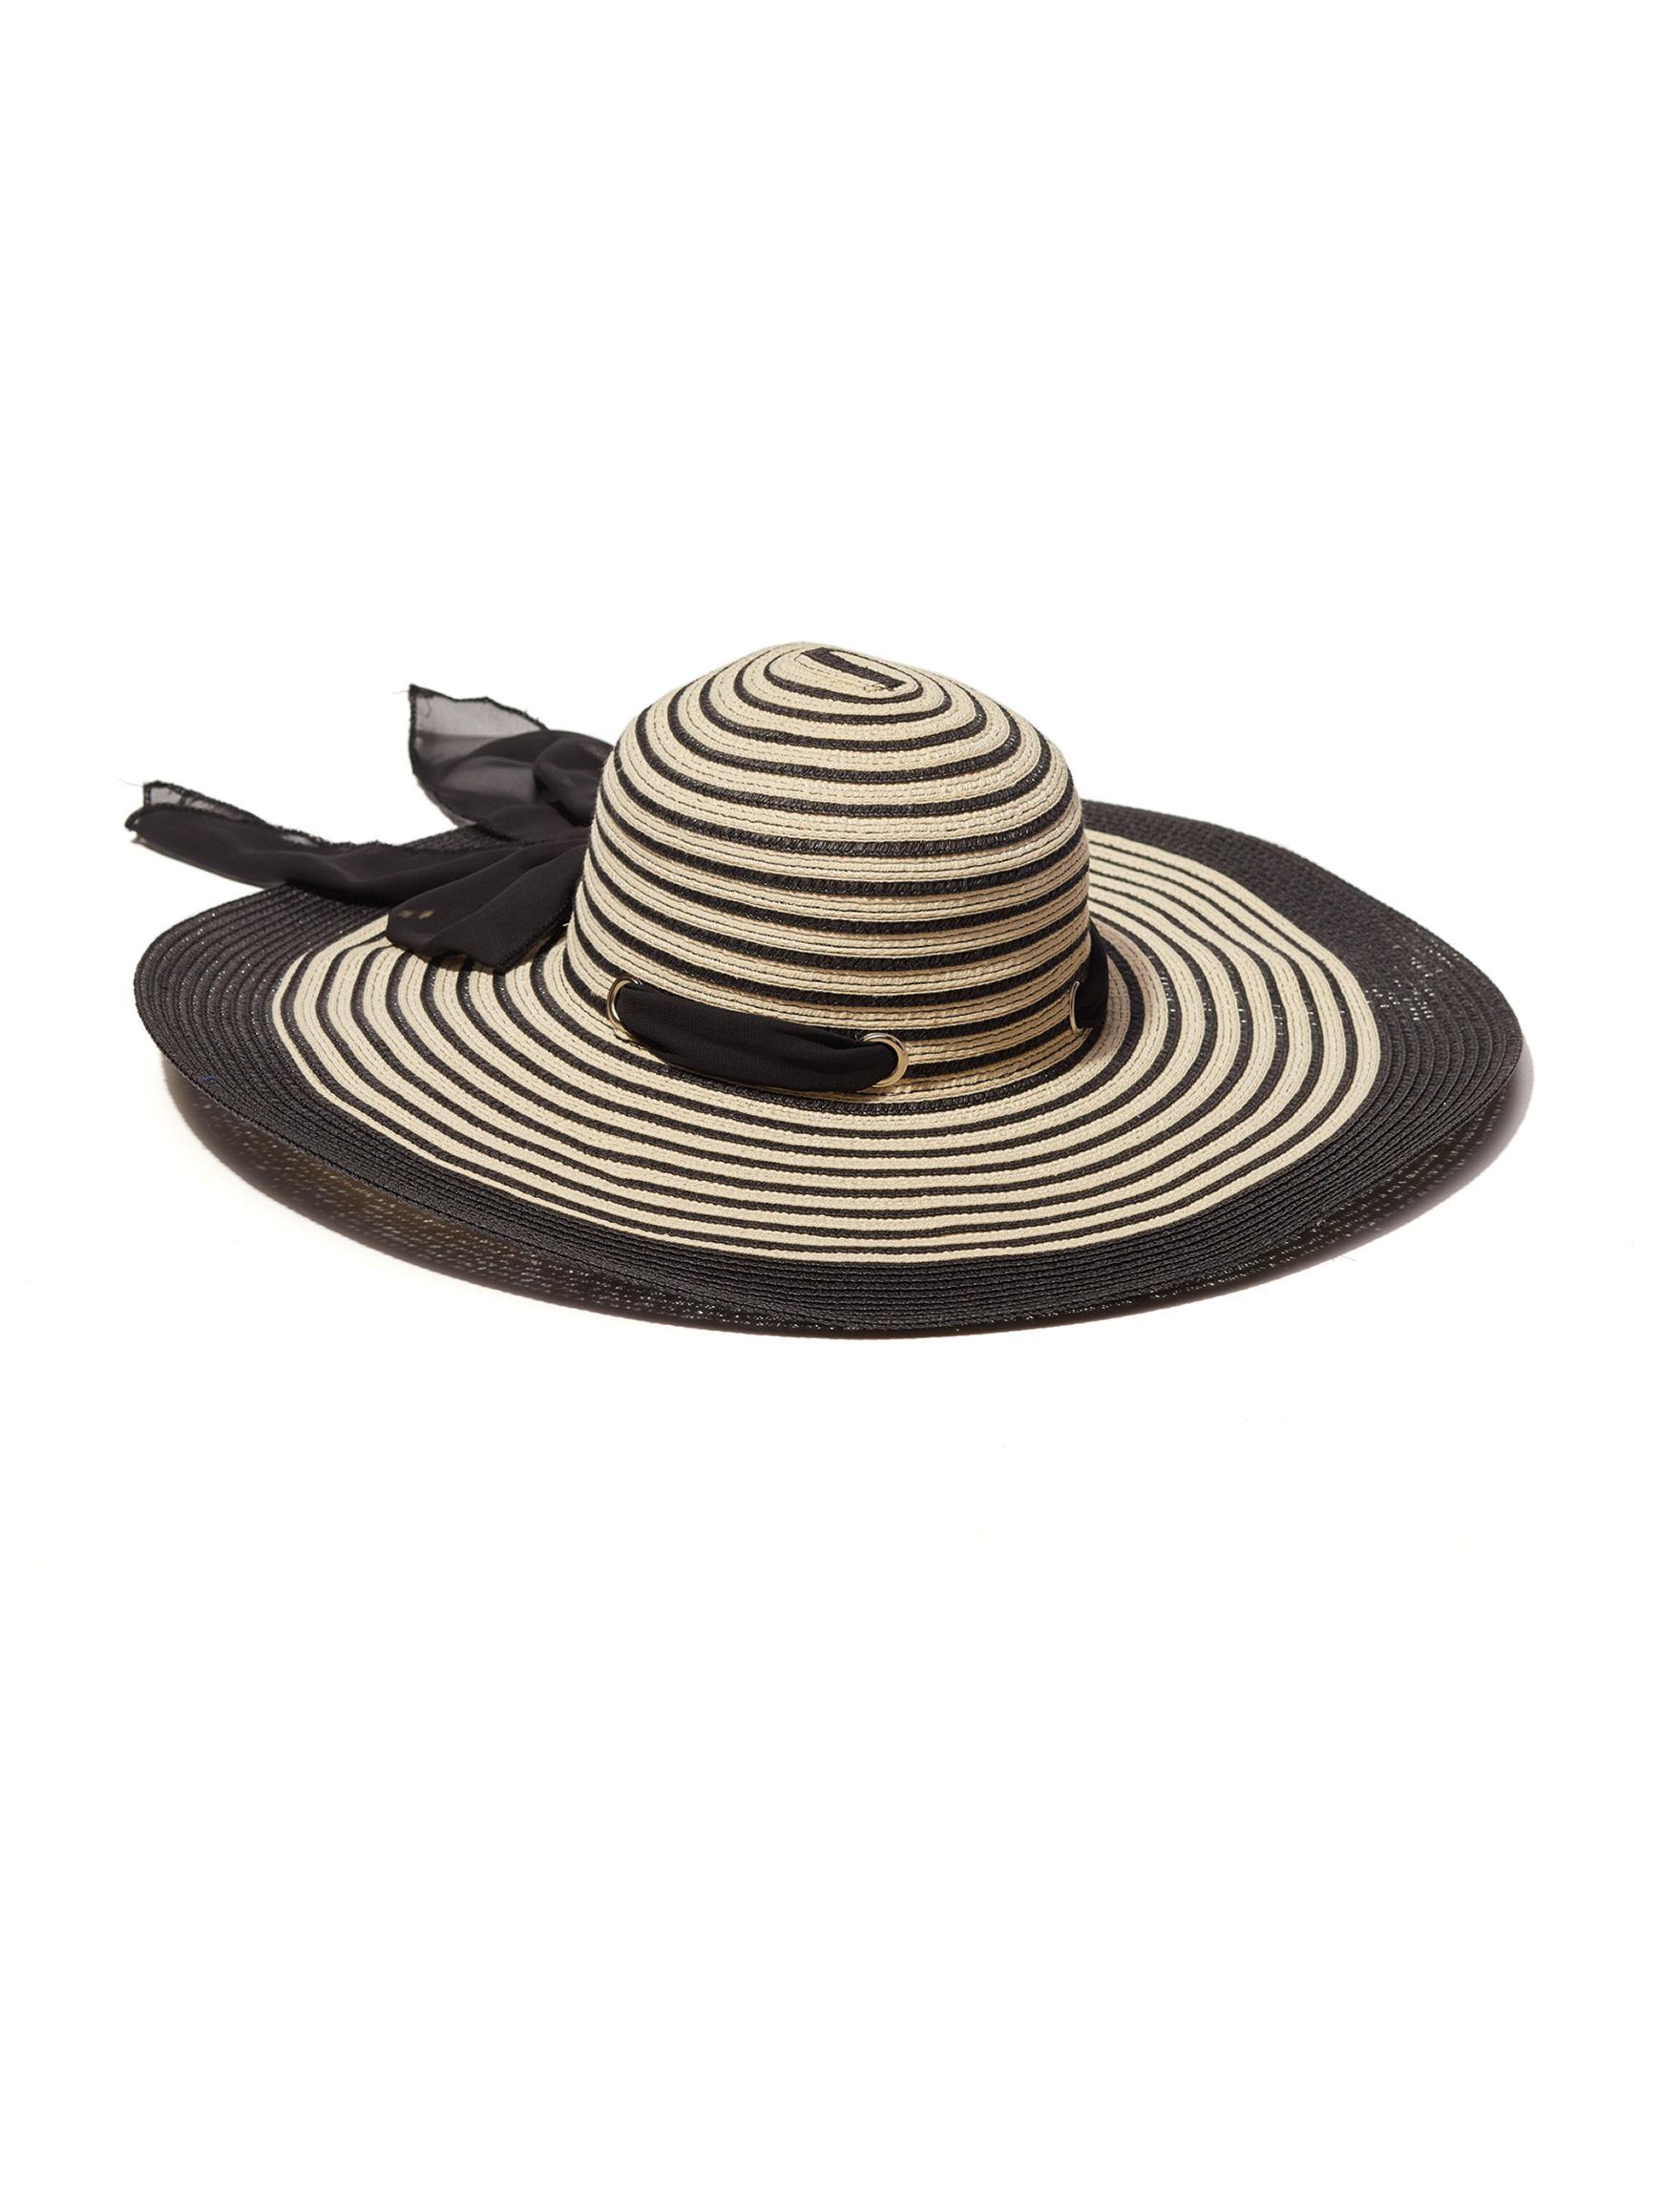 David & Young Black / White Hats & Headwear